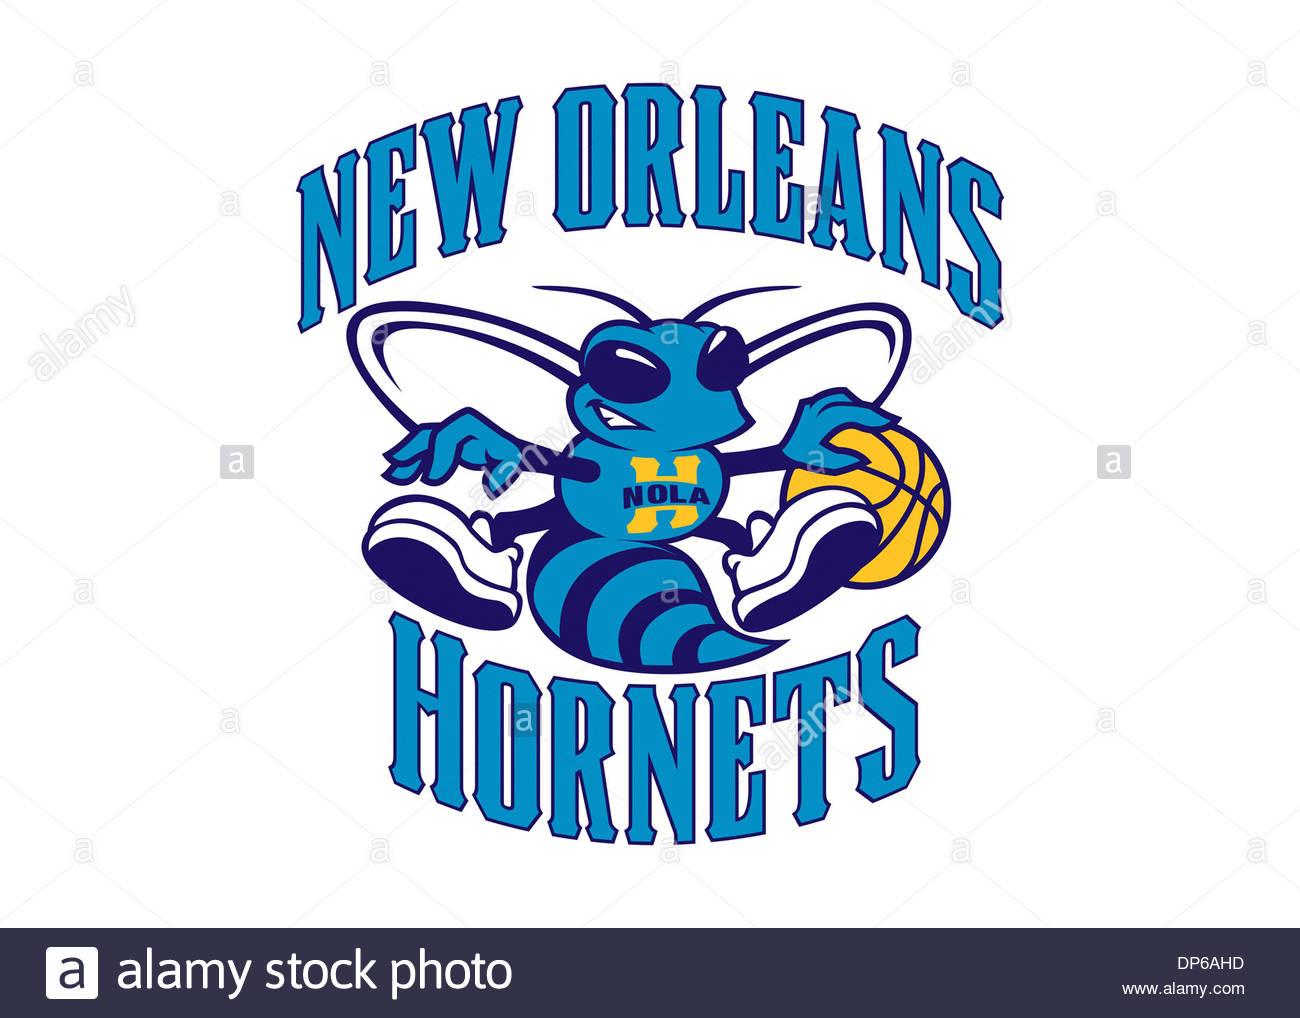 New orleans hornets logo flag symbol icon emblem stock photo new orleans hornets logo flag symbol icon emblem buycottarizona Choice Image